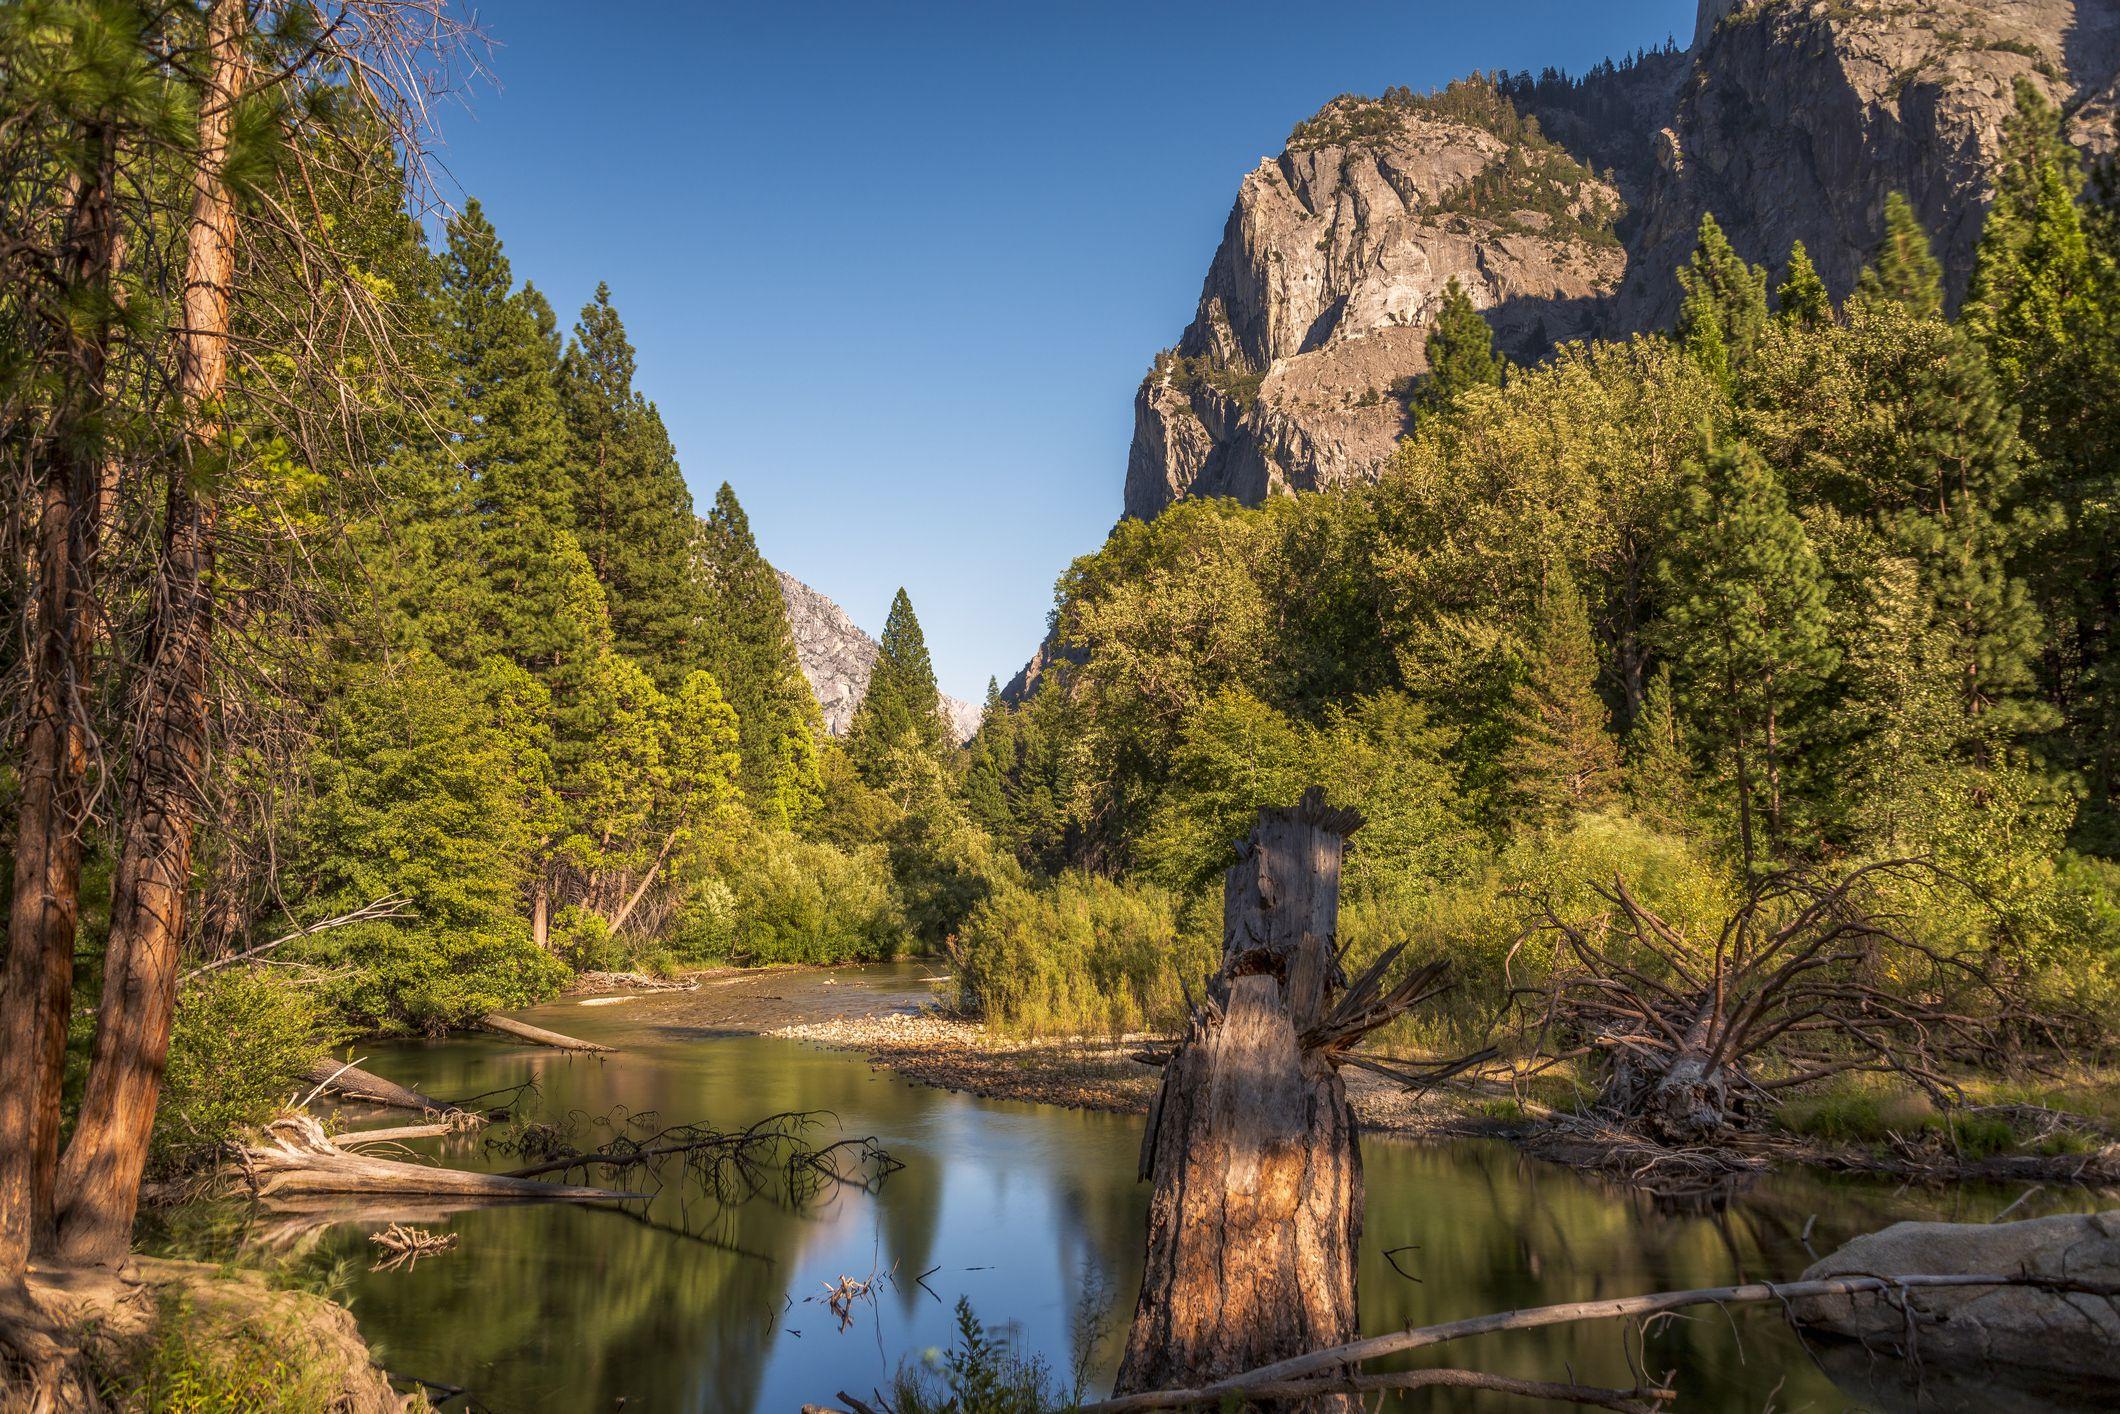 Parque nacional Sequoia y Kings Canyon